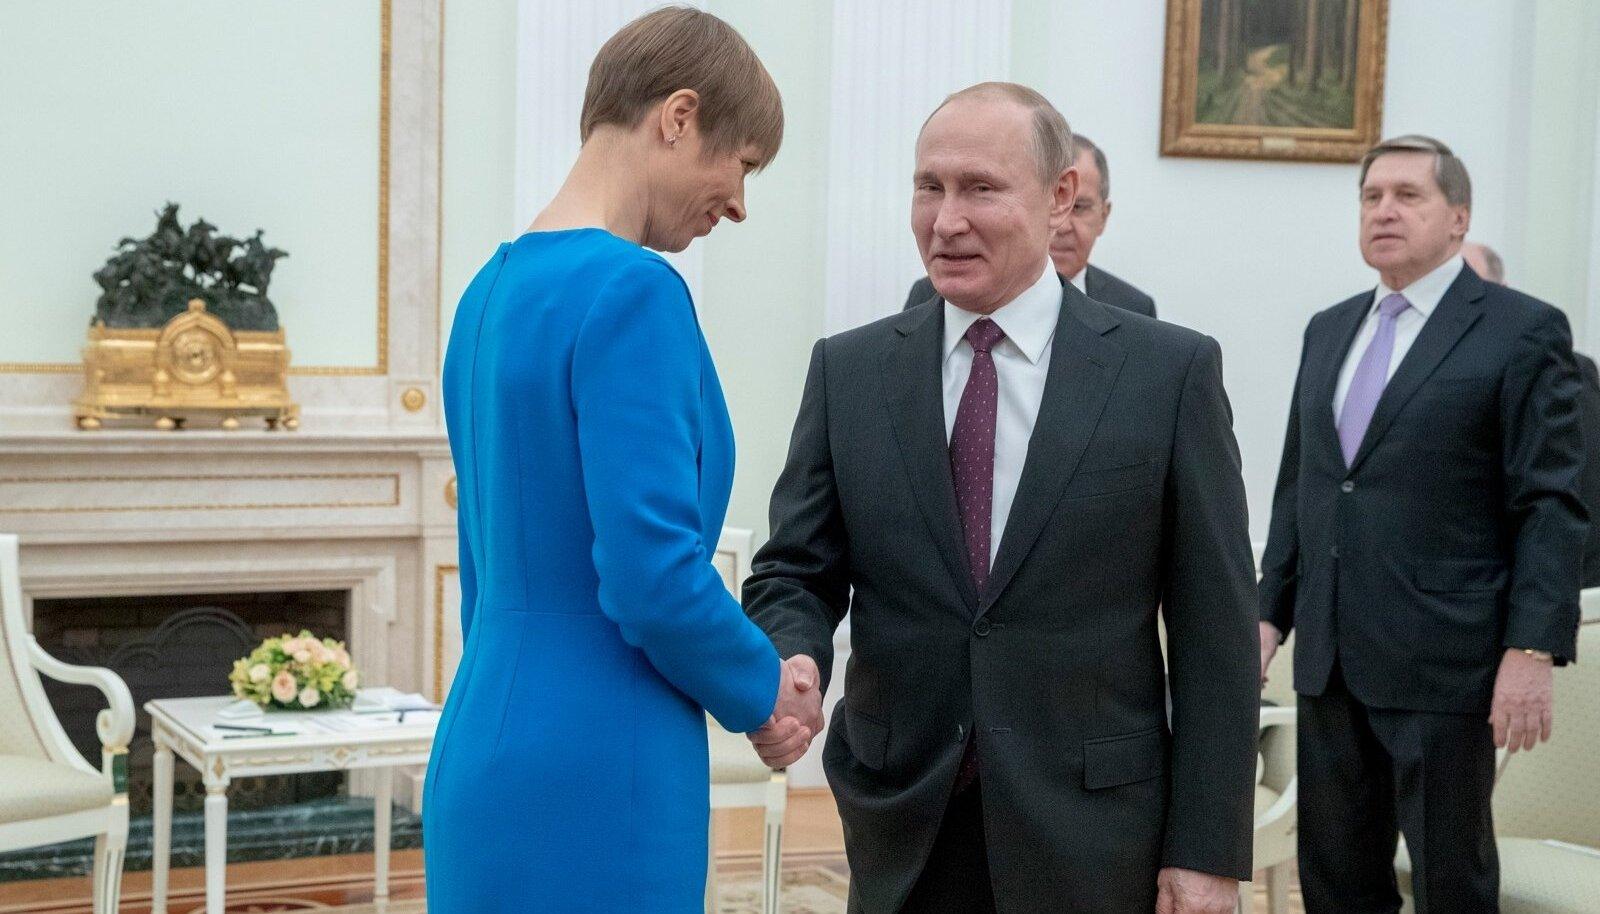 Dmitri Klenski: Putini visiit Tartusse tuleks vene kaasmaalaste arvel. Nõudku vähemalt vene kooli säilitamist!